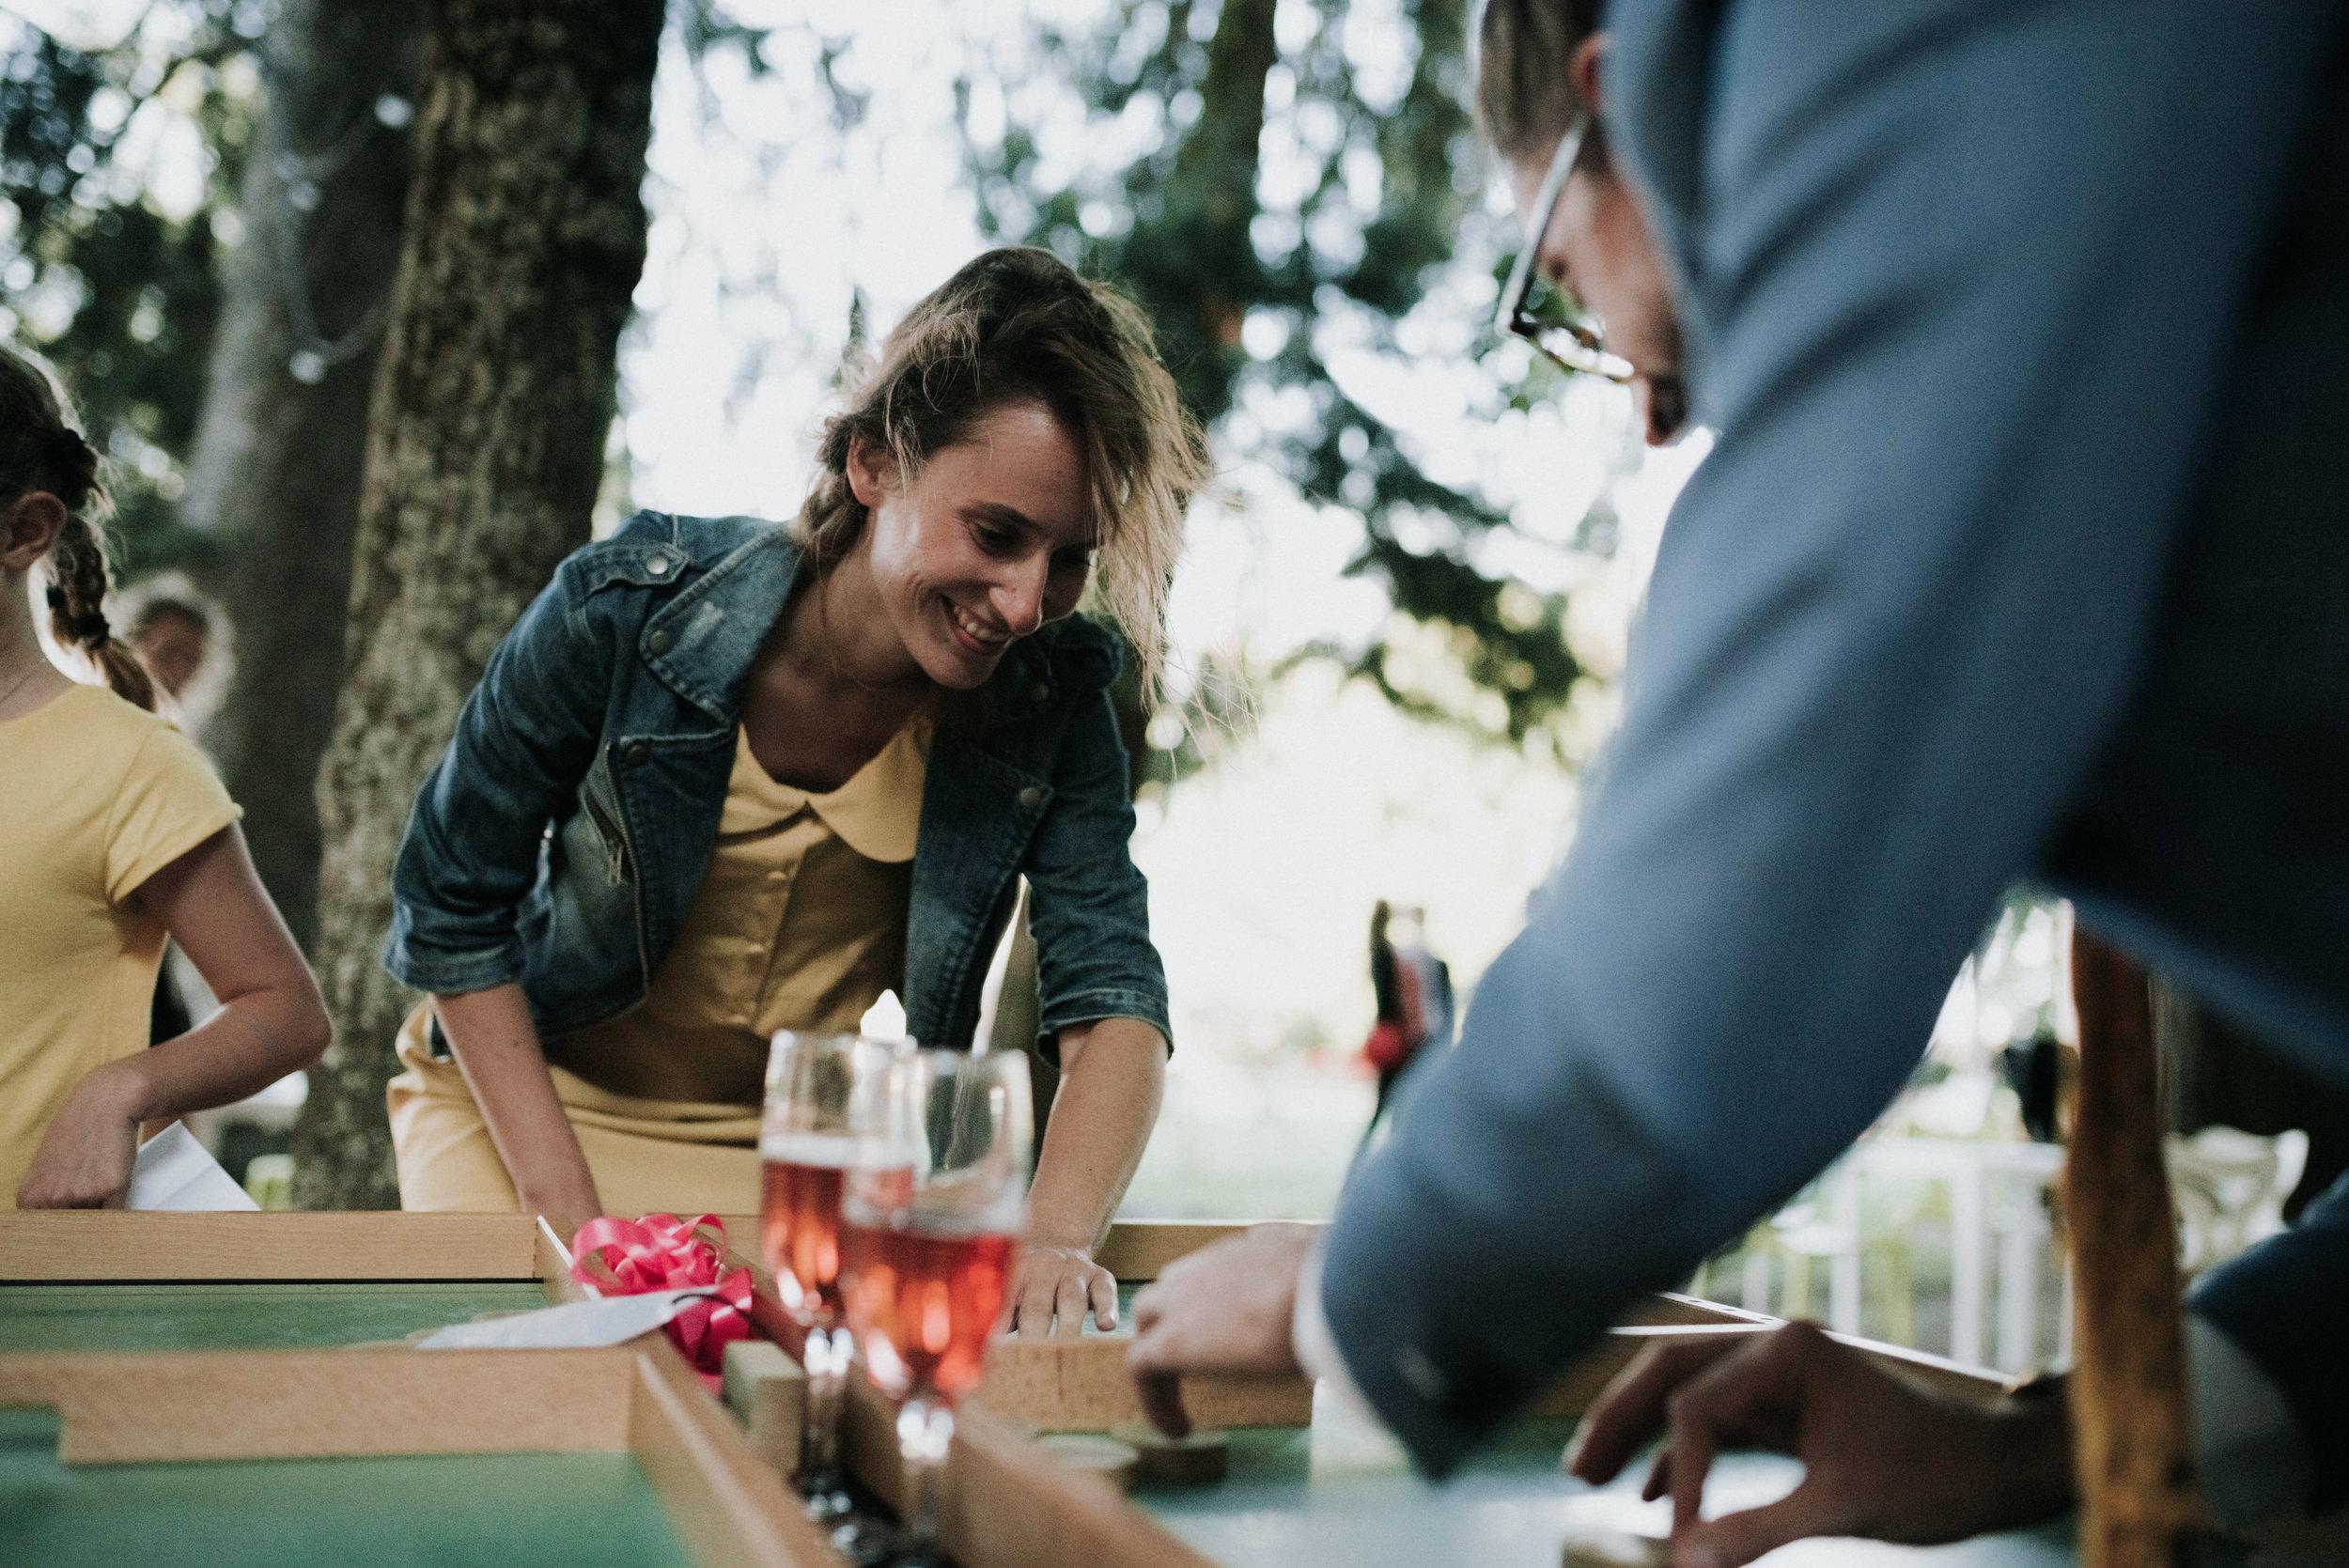 Léa-Fery-photographe-professionnel-lyon-rhone-alpes-portrait-creation-mariage-evenement-evenementiel-famille--90.jpg